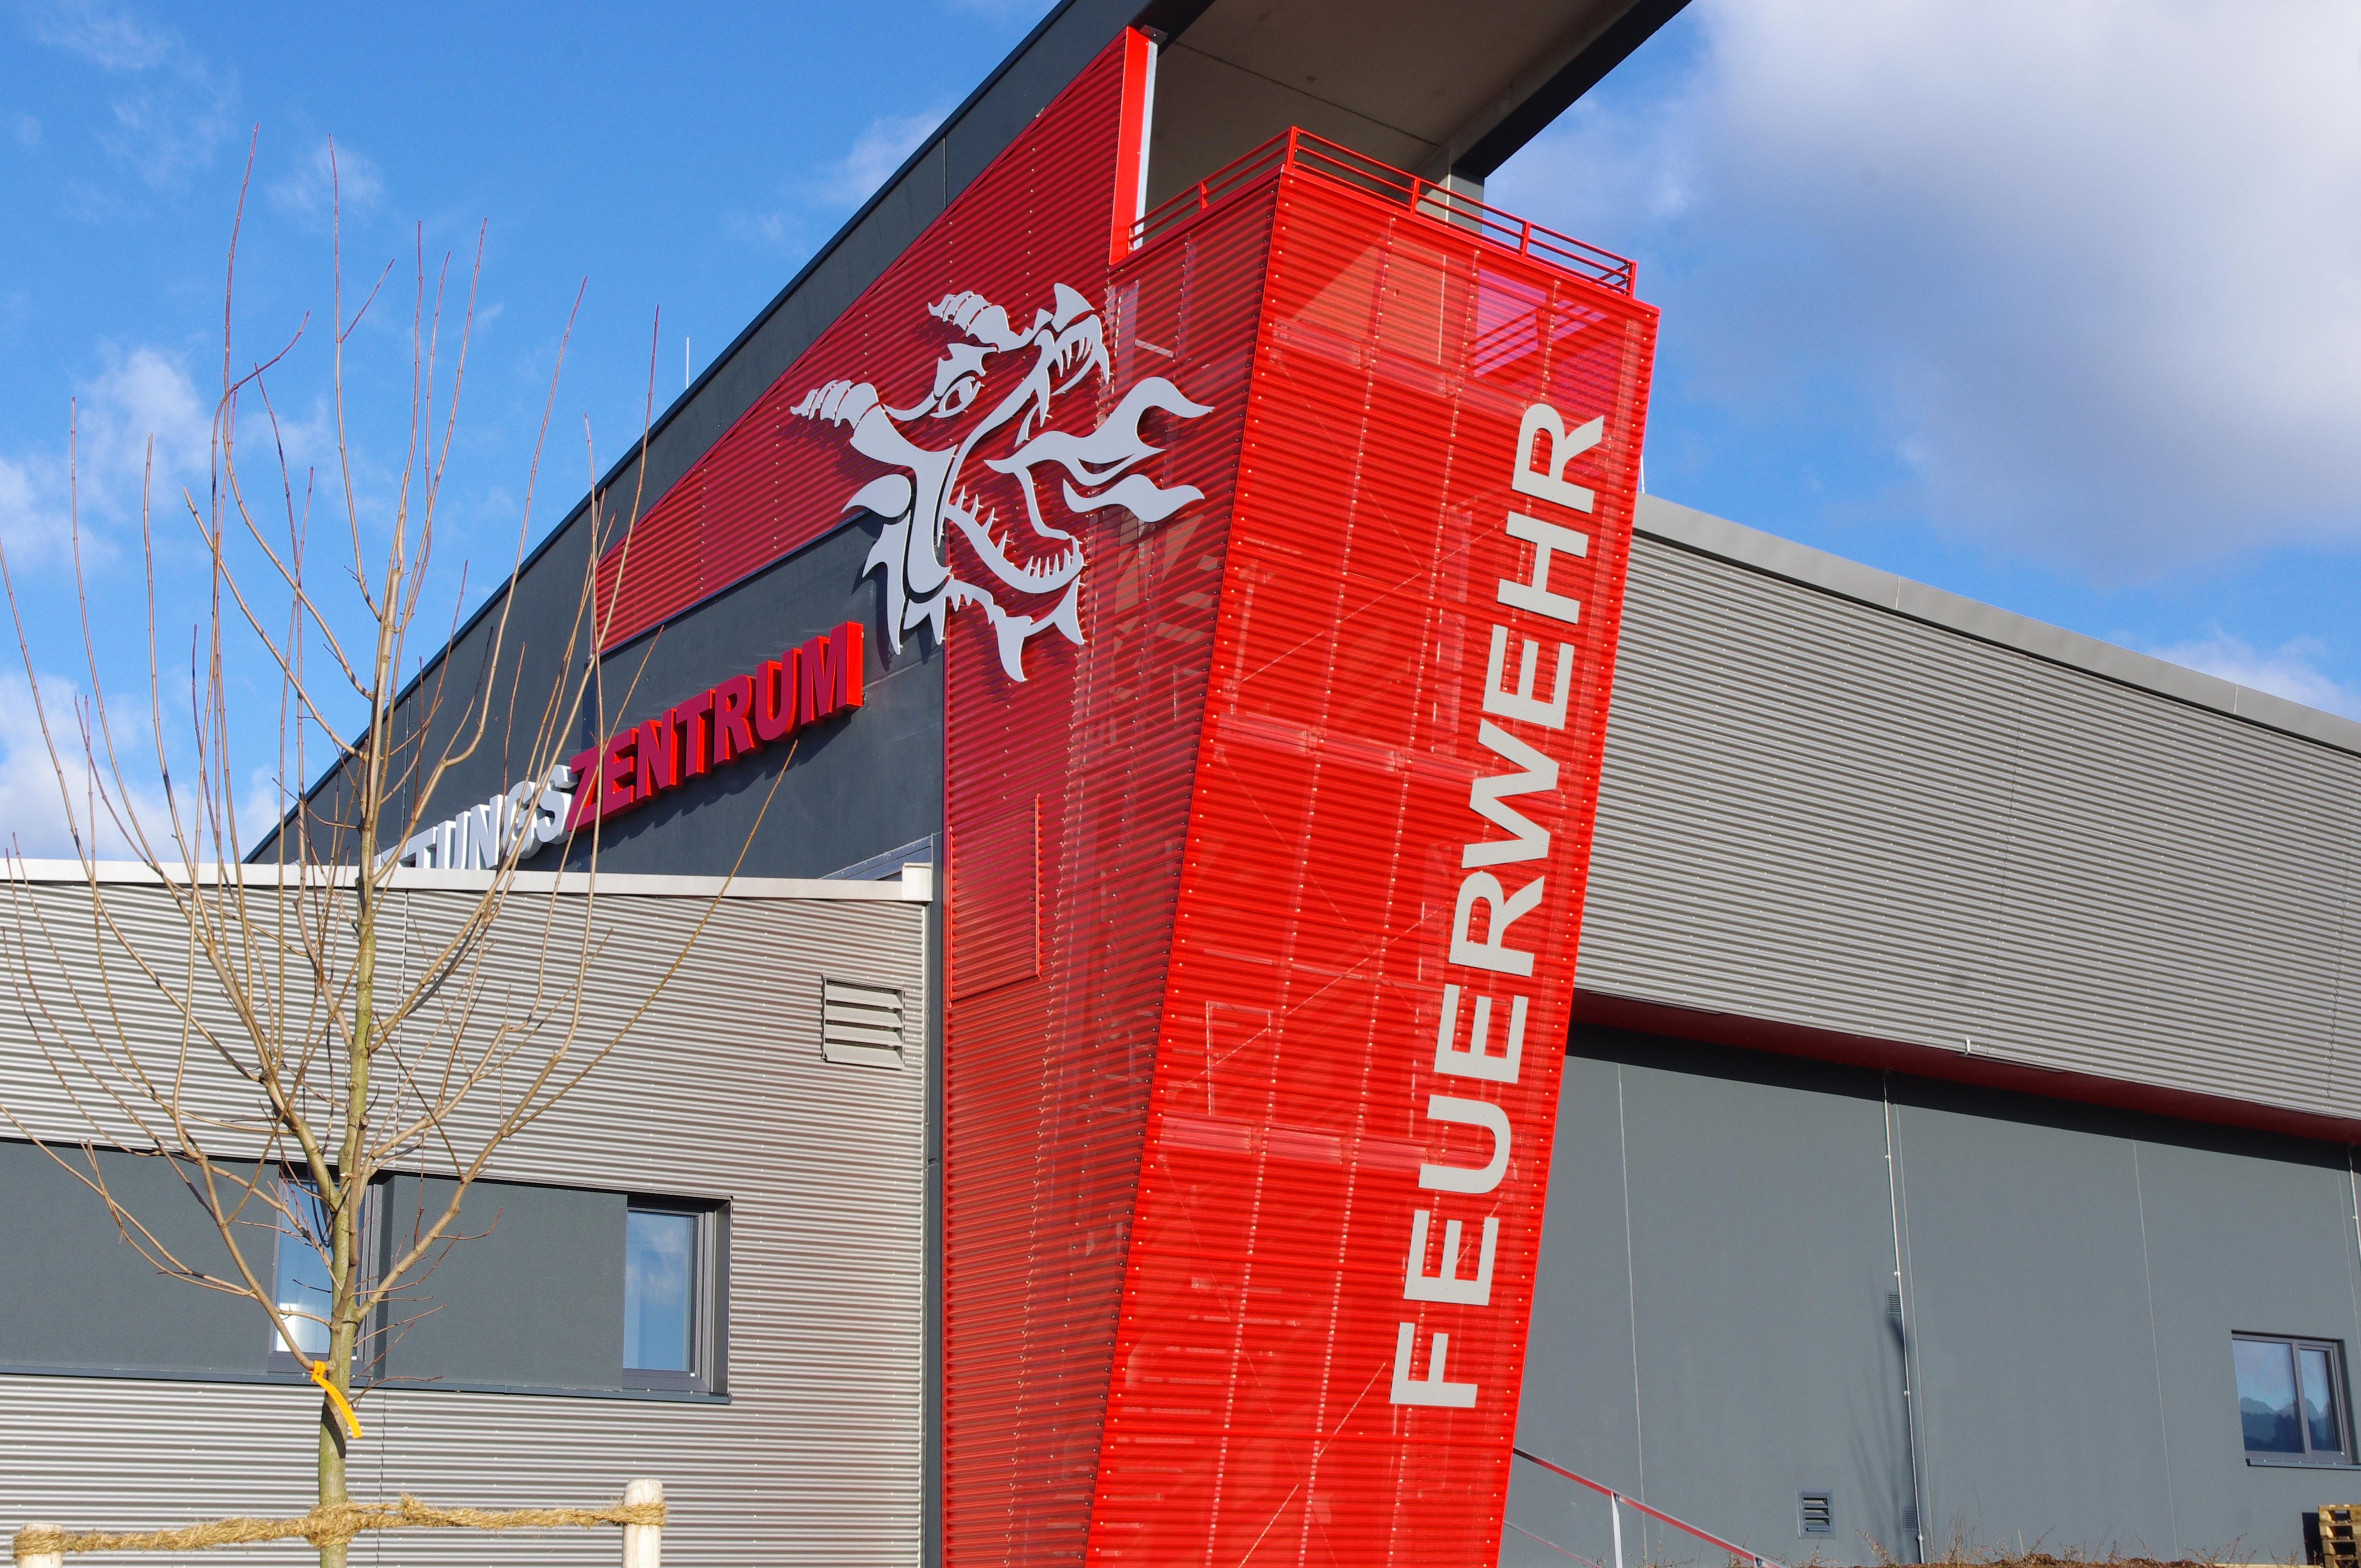 Feuerwehr Der Stadt Furth Im Wald Rettungszentrum